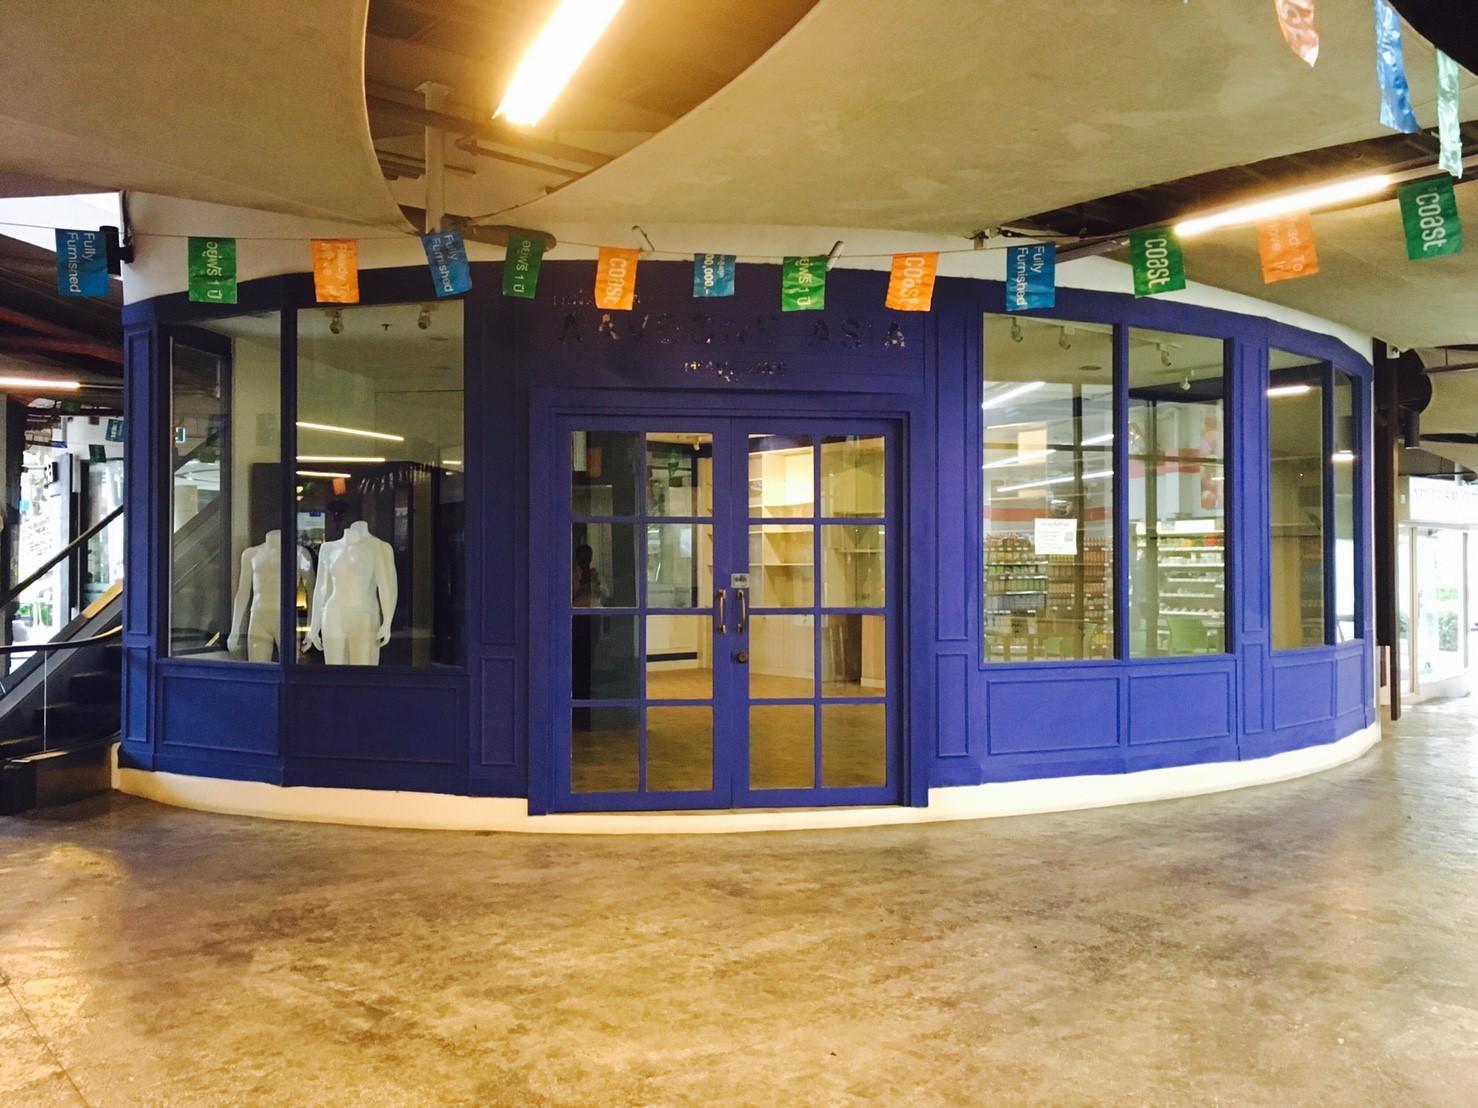 พื้นที่ร้านค้าให้เช่าตกแต่งครบขนาด 57.94 ตารางเมตร